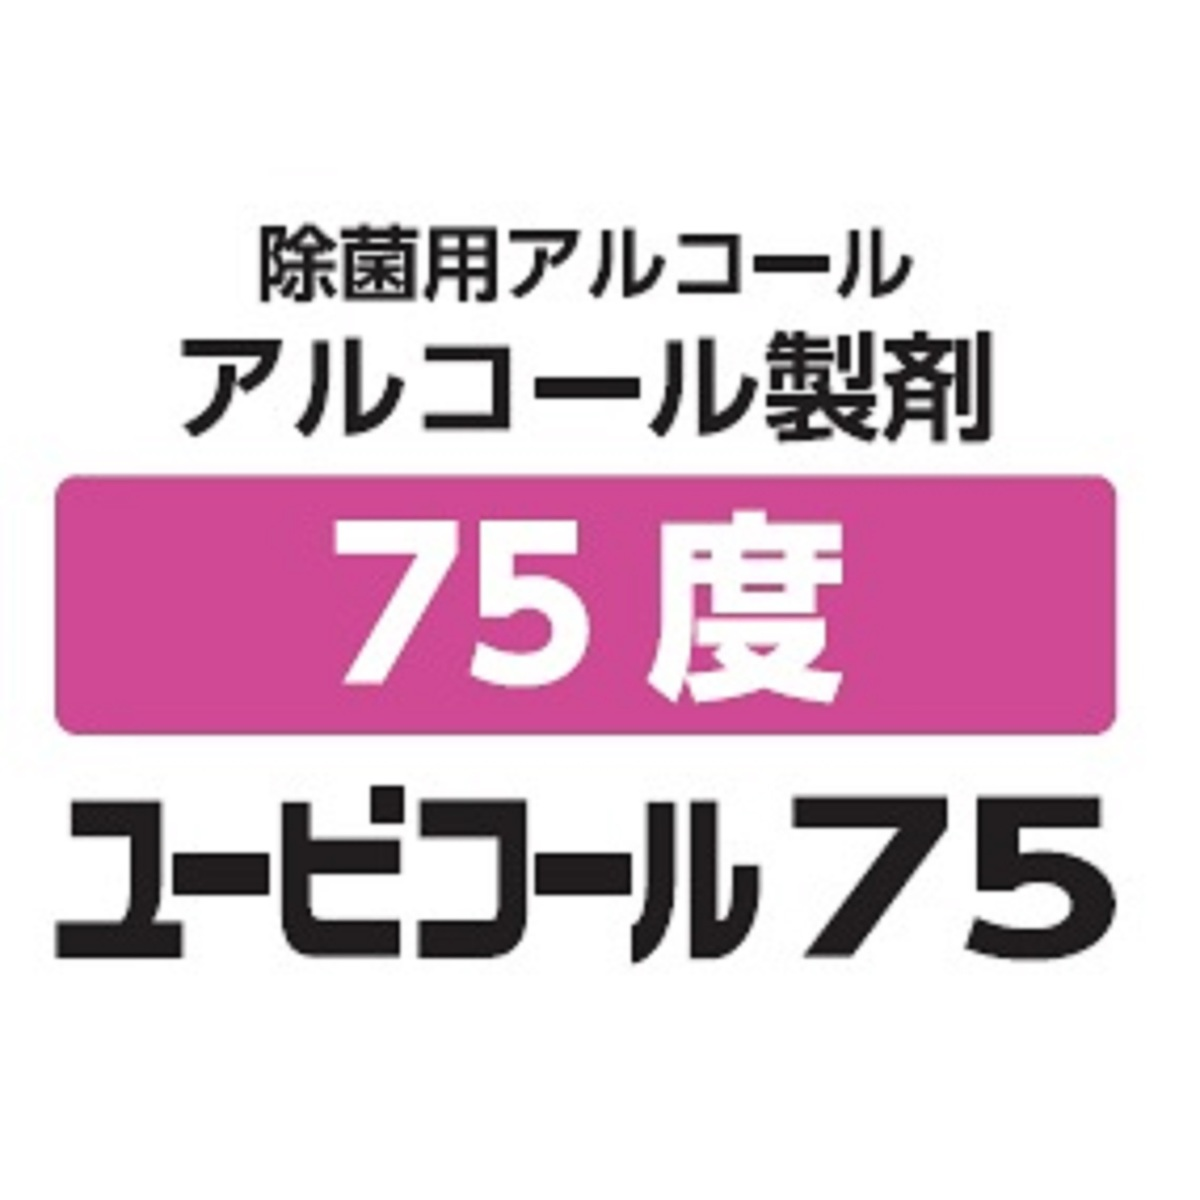 アルコール除菌剤 ユービコール75 15Kg